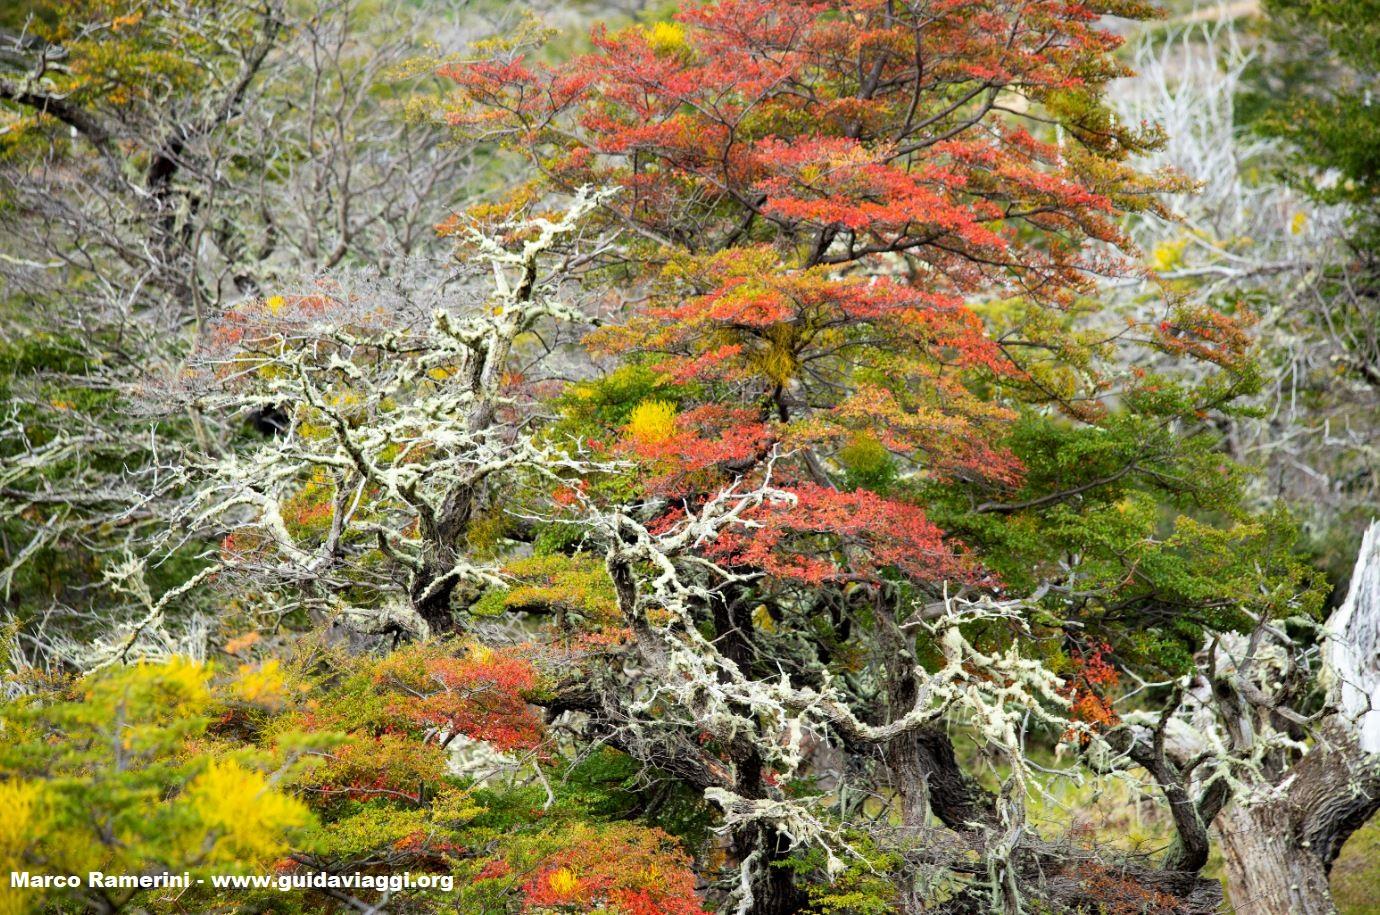 Serrano, Parco Nazionale Torres del Paine, Cile. Autore e Copyright Marco Ramerini